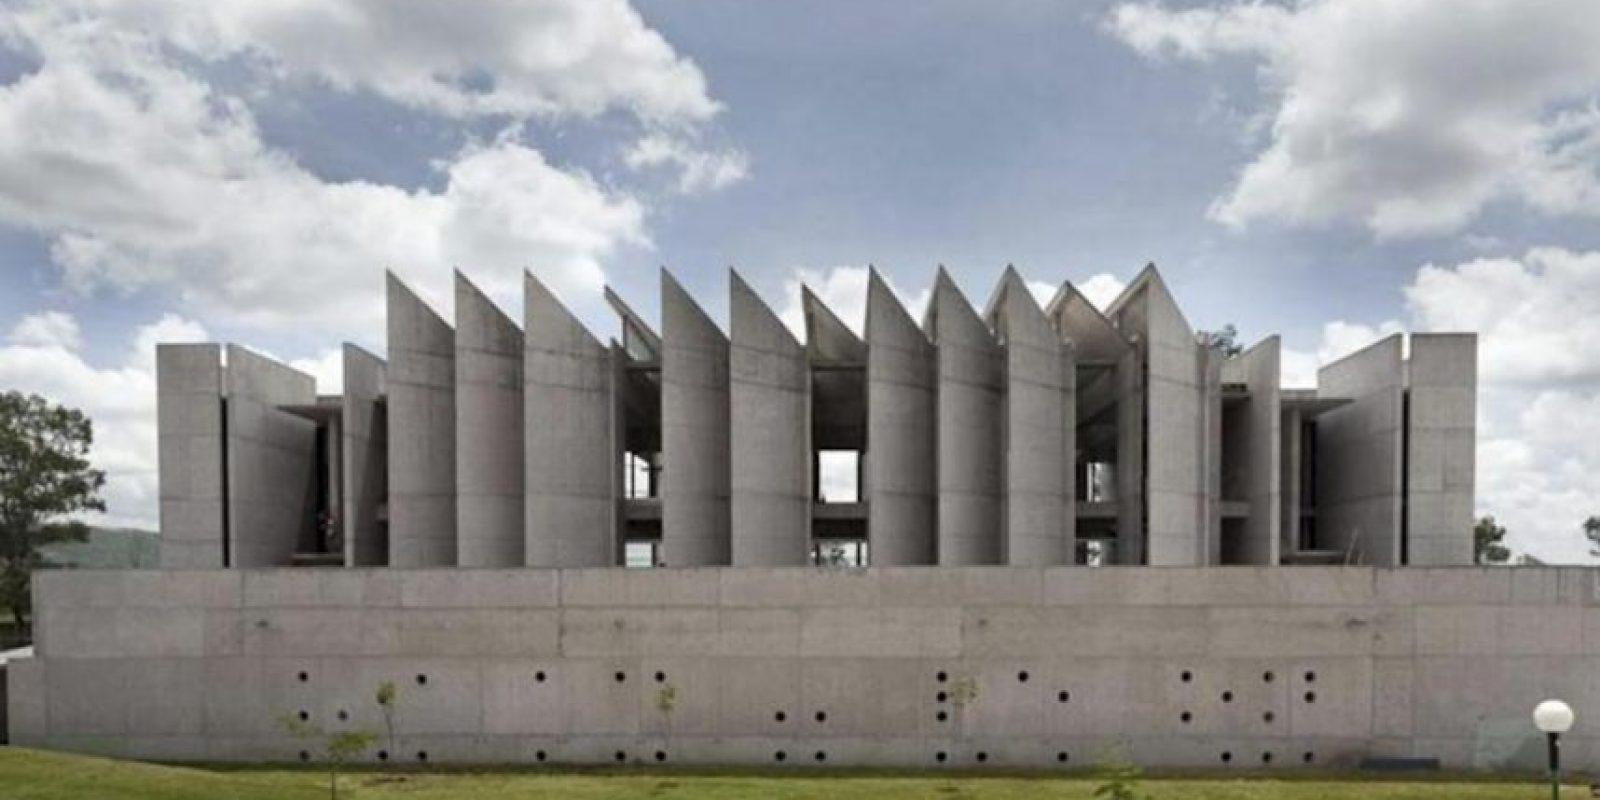 La Unidad de Innovación, aprendizaje y competitividad de la Universidad Iberoamericana, Campus León, Guanajuato (México), de Landa Arquitectos. EFE